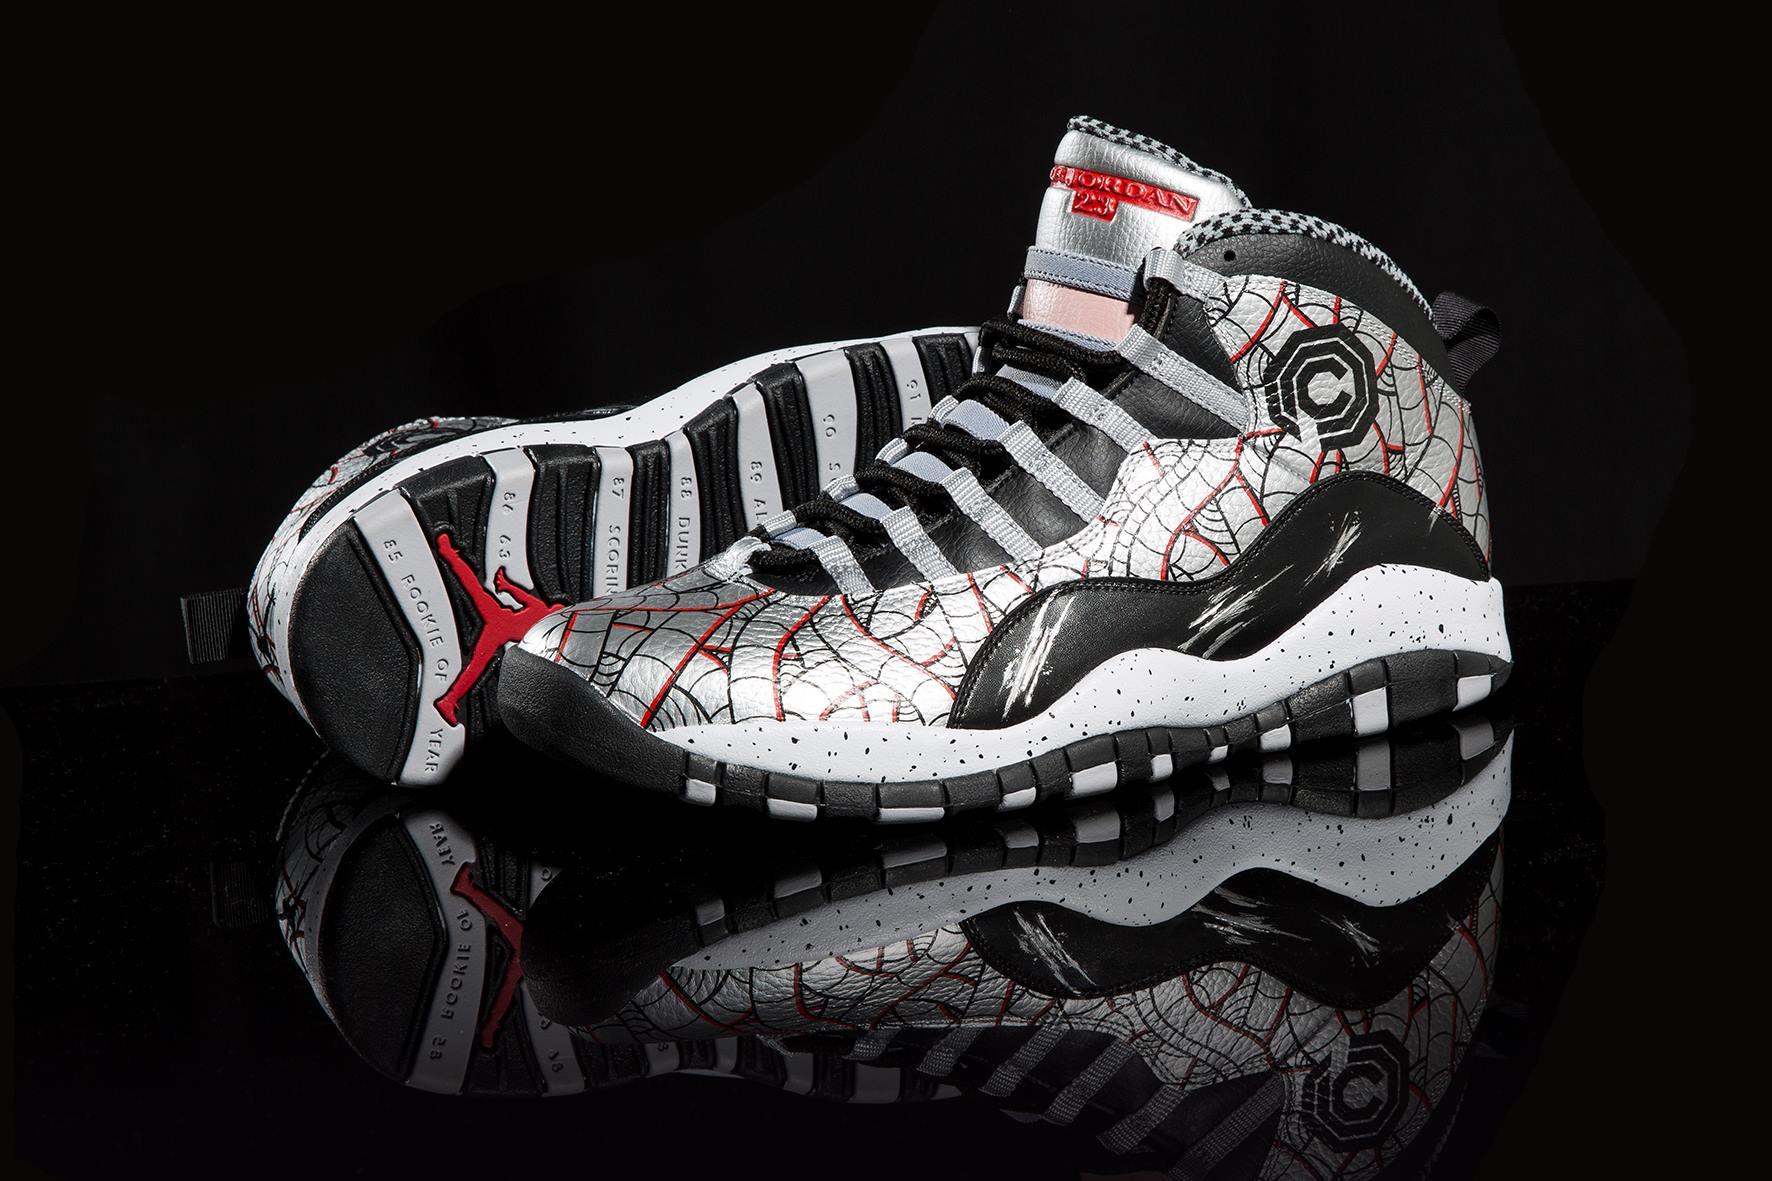 """Air Jordan X (10) Retro """"RoboCop"""" Customs by Sekure D 60008be7d"""